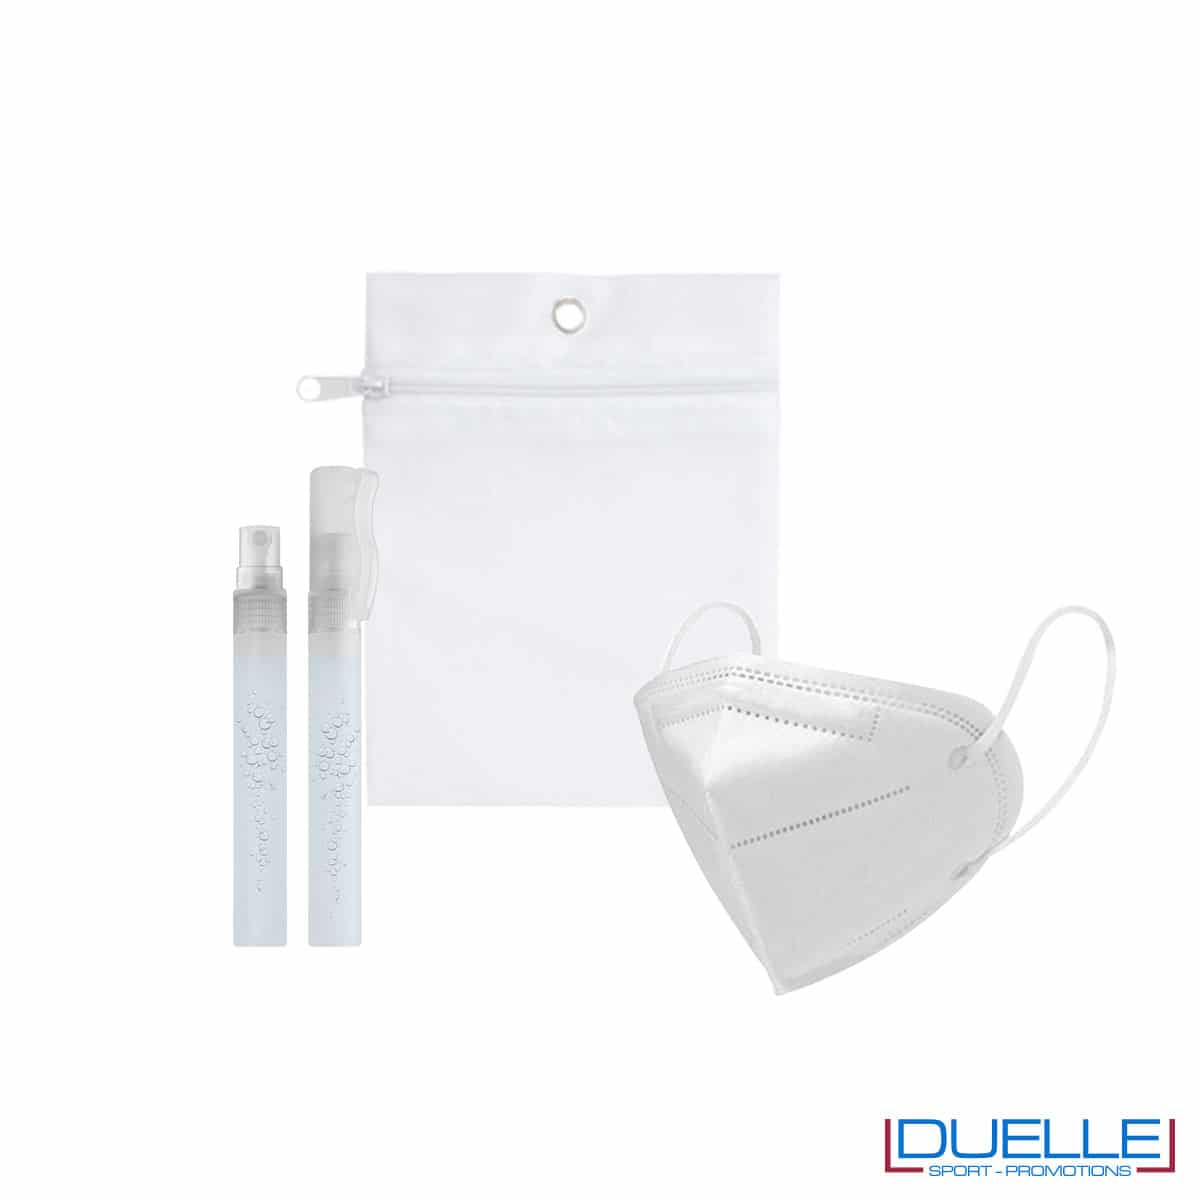 Kit di benvenuto igienizzante colore bianco personalizzato con il tuo logo